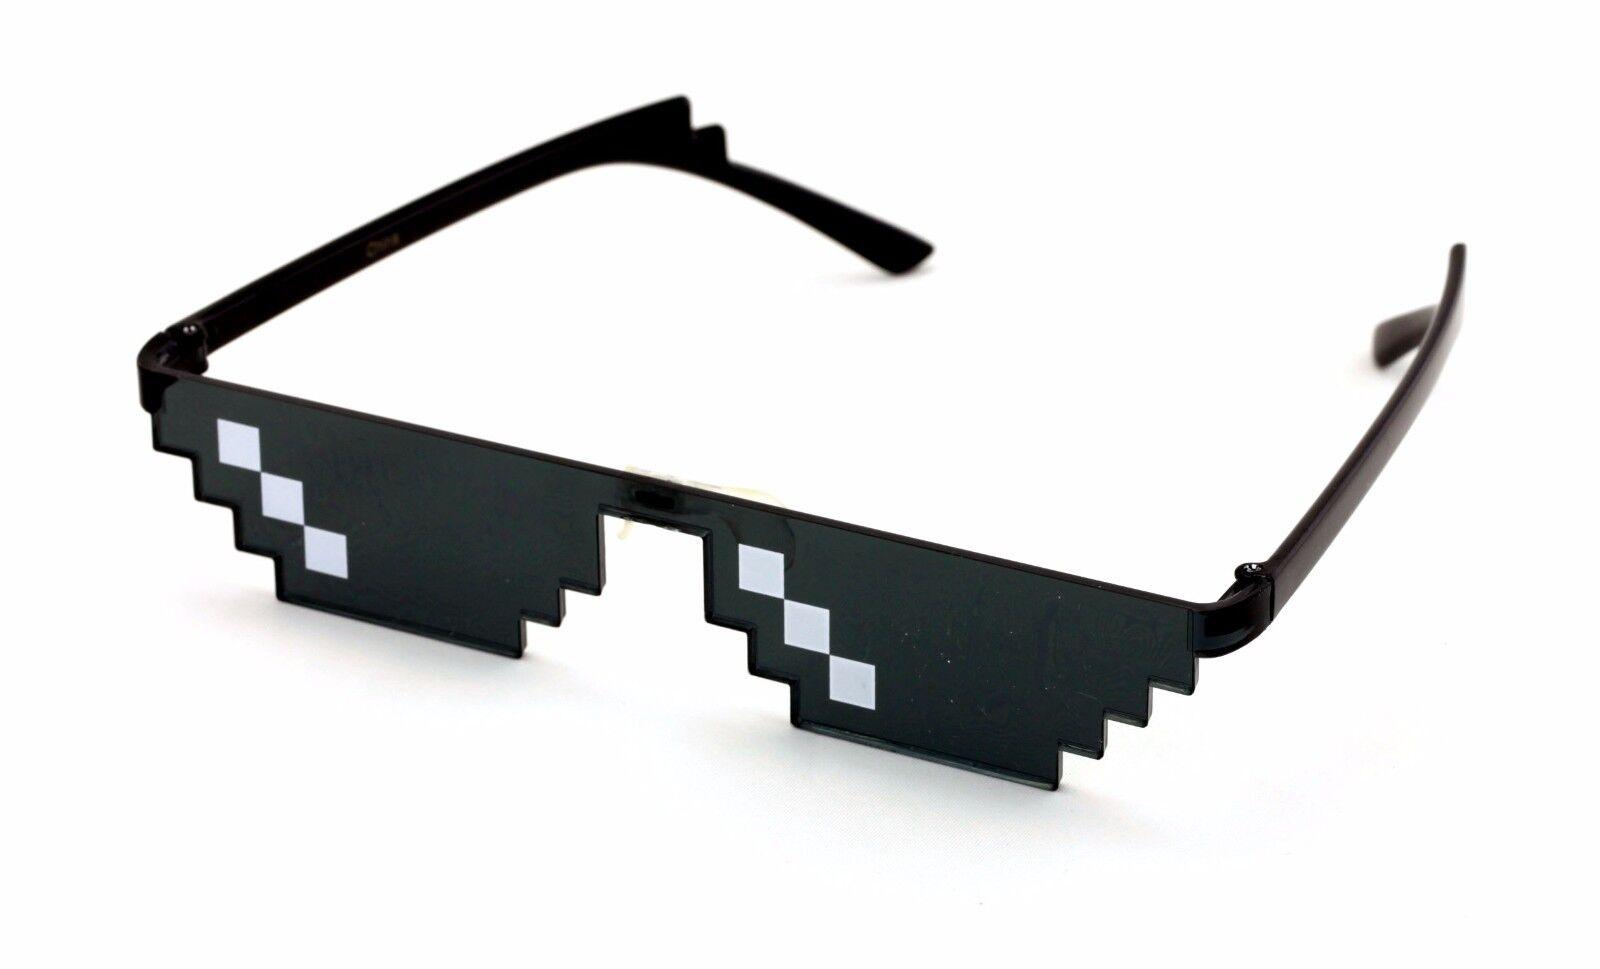 конечно, как на фото наложить пиксельные очки ваш выбор